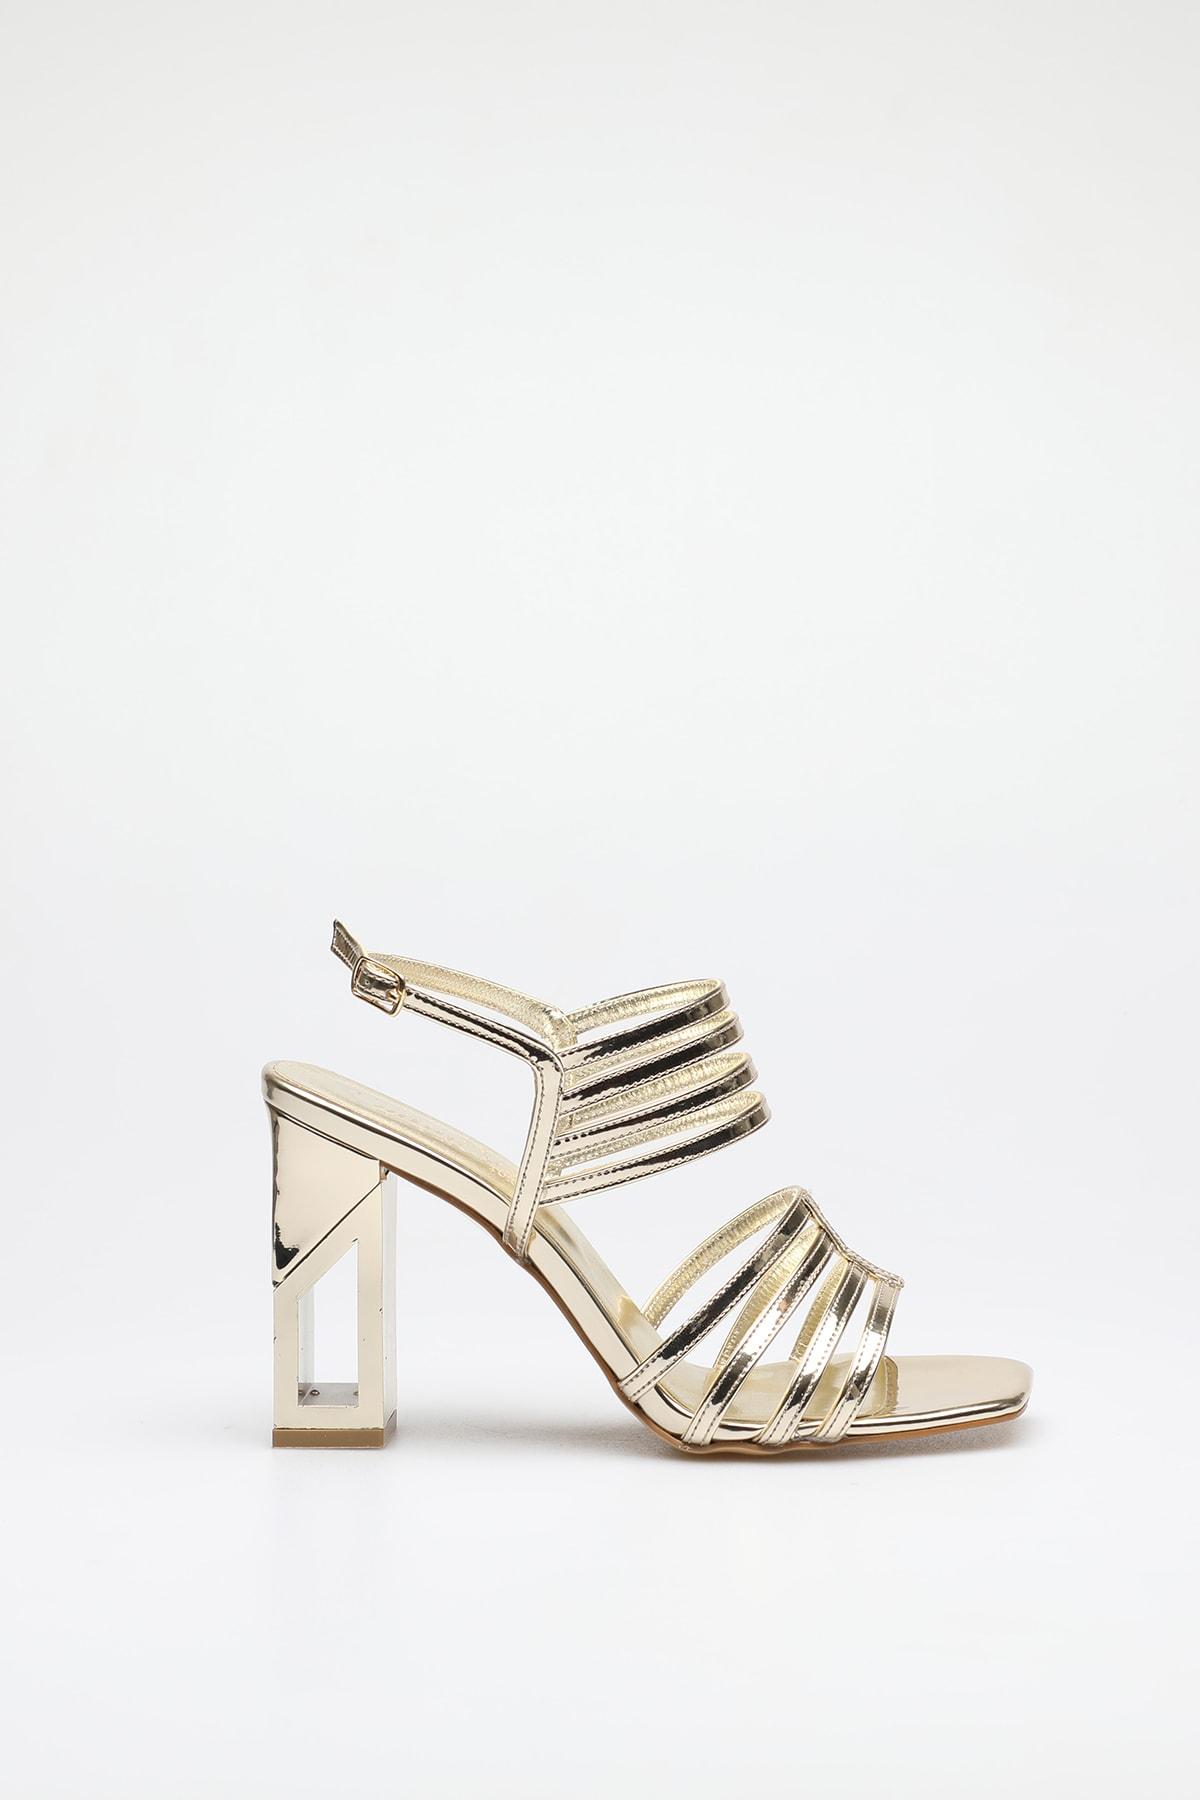 ALTINAYAK Altın Kadın Abiye Ayakkabı 339.002001 1